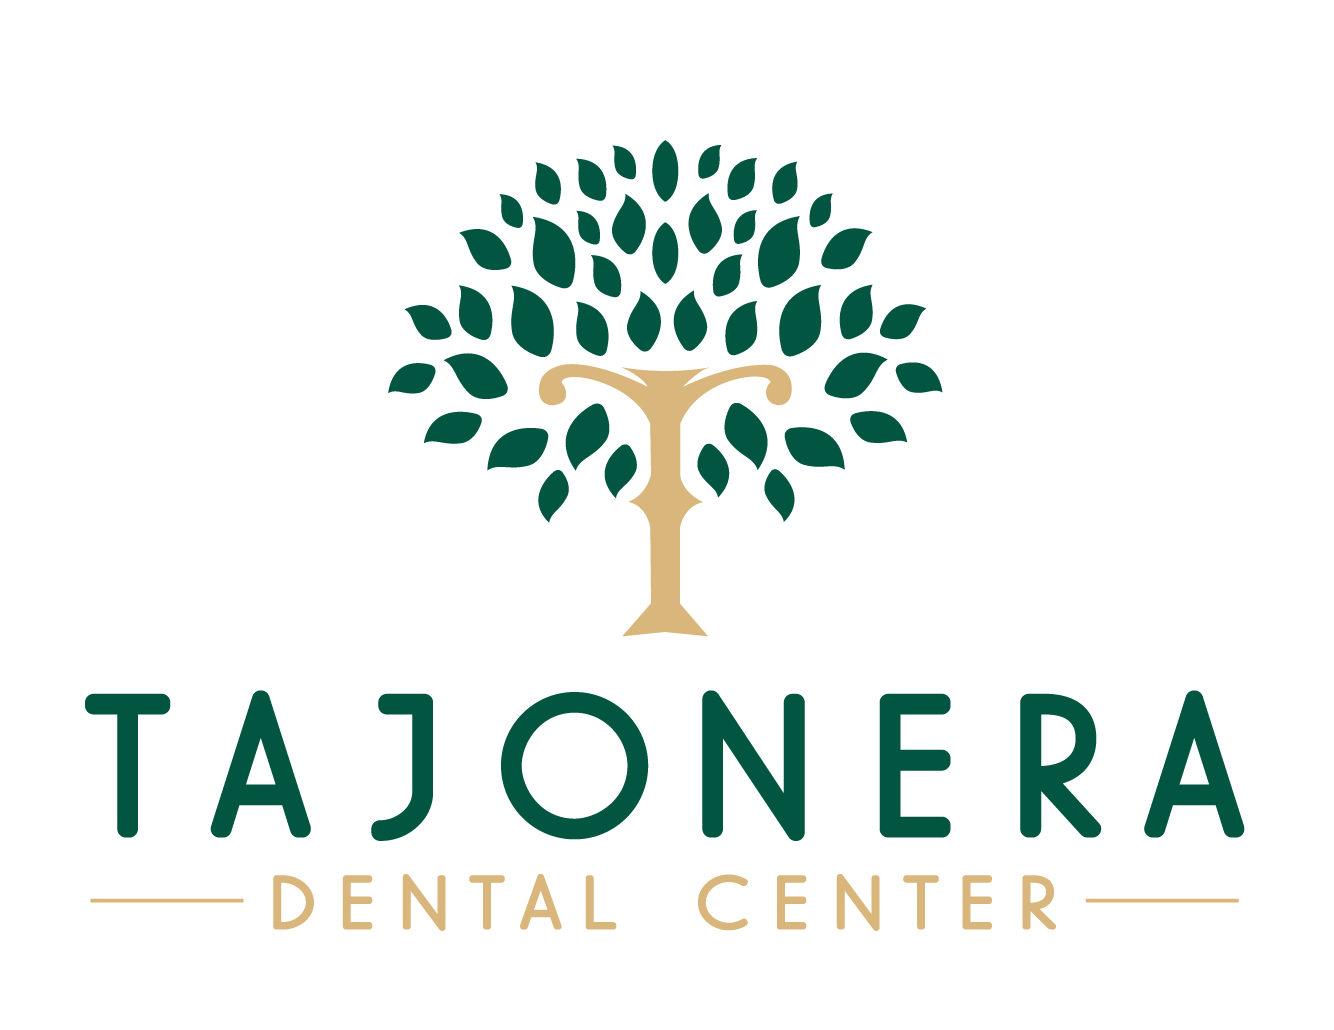 Tajonera Dental Center